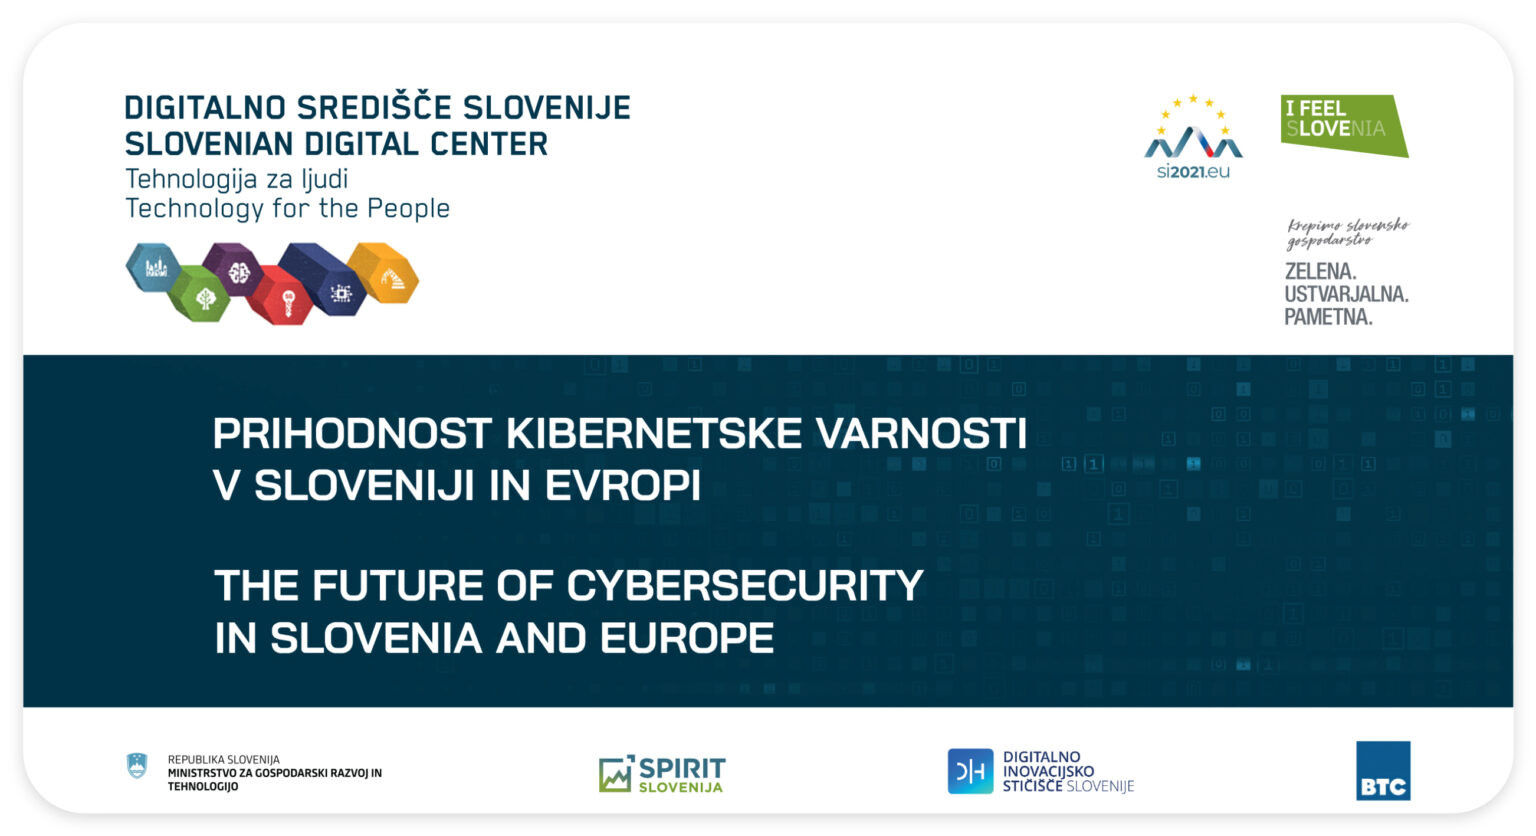 54 Spletna Stran Prihodnost Kibernetske Varnosti b 1 1536x836